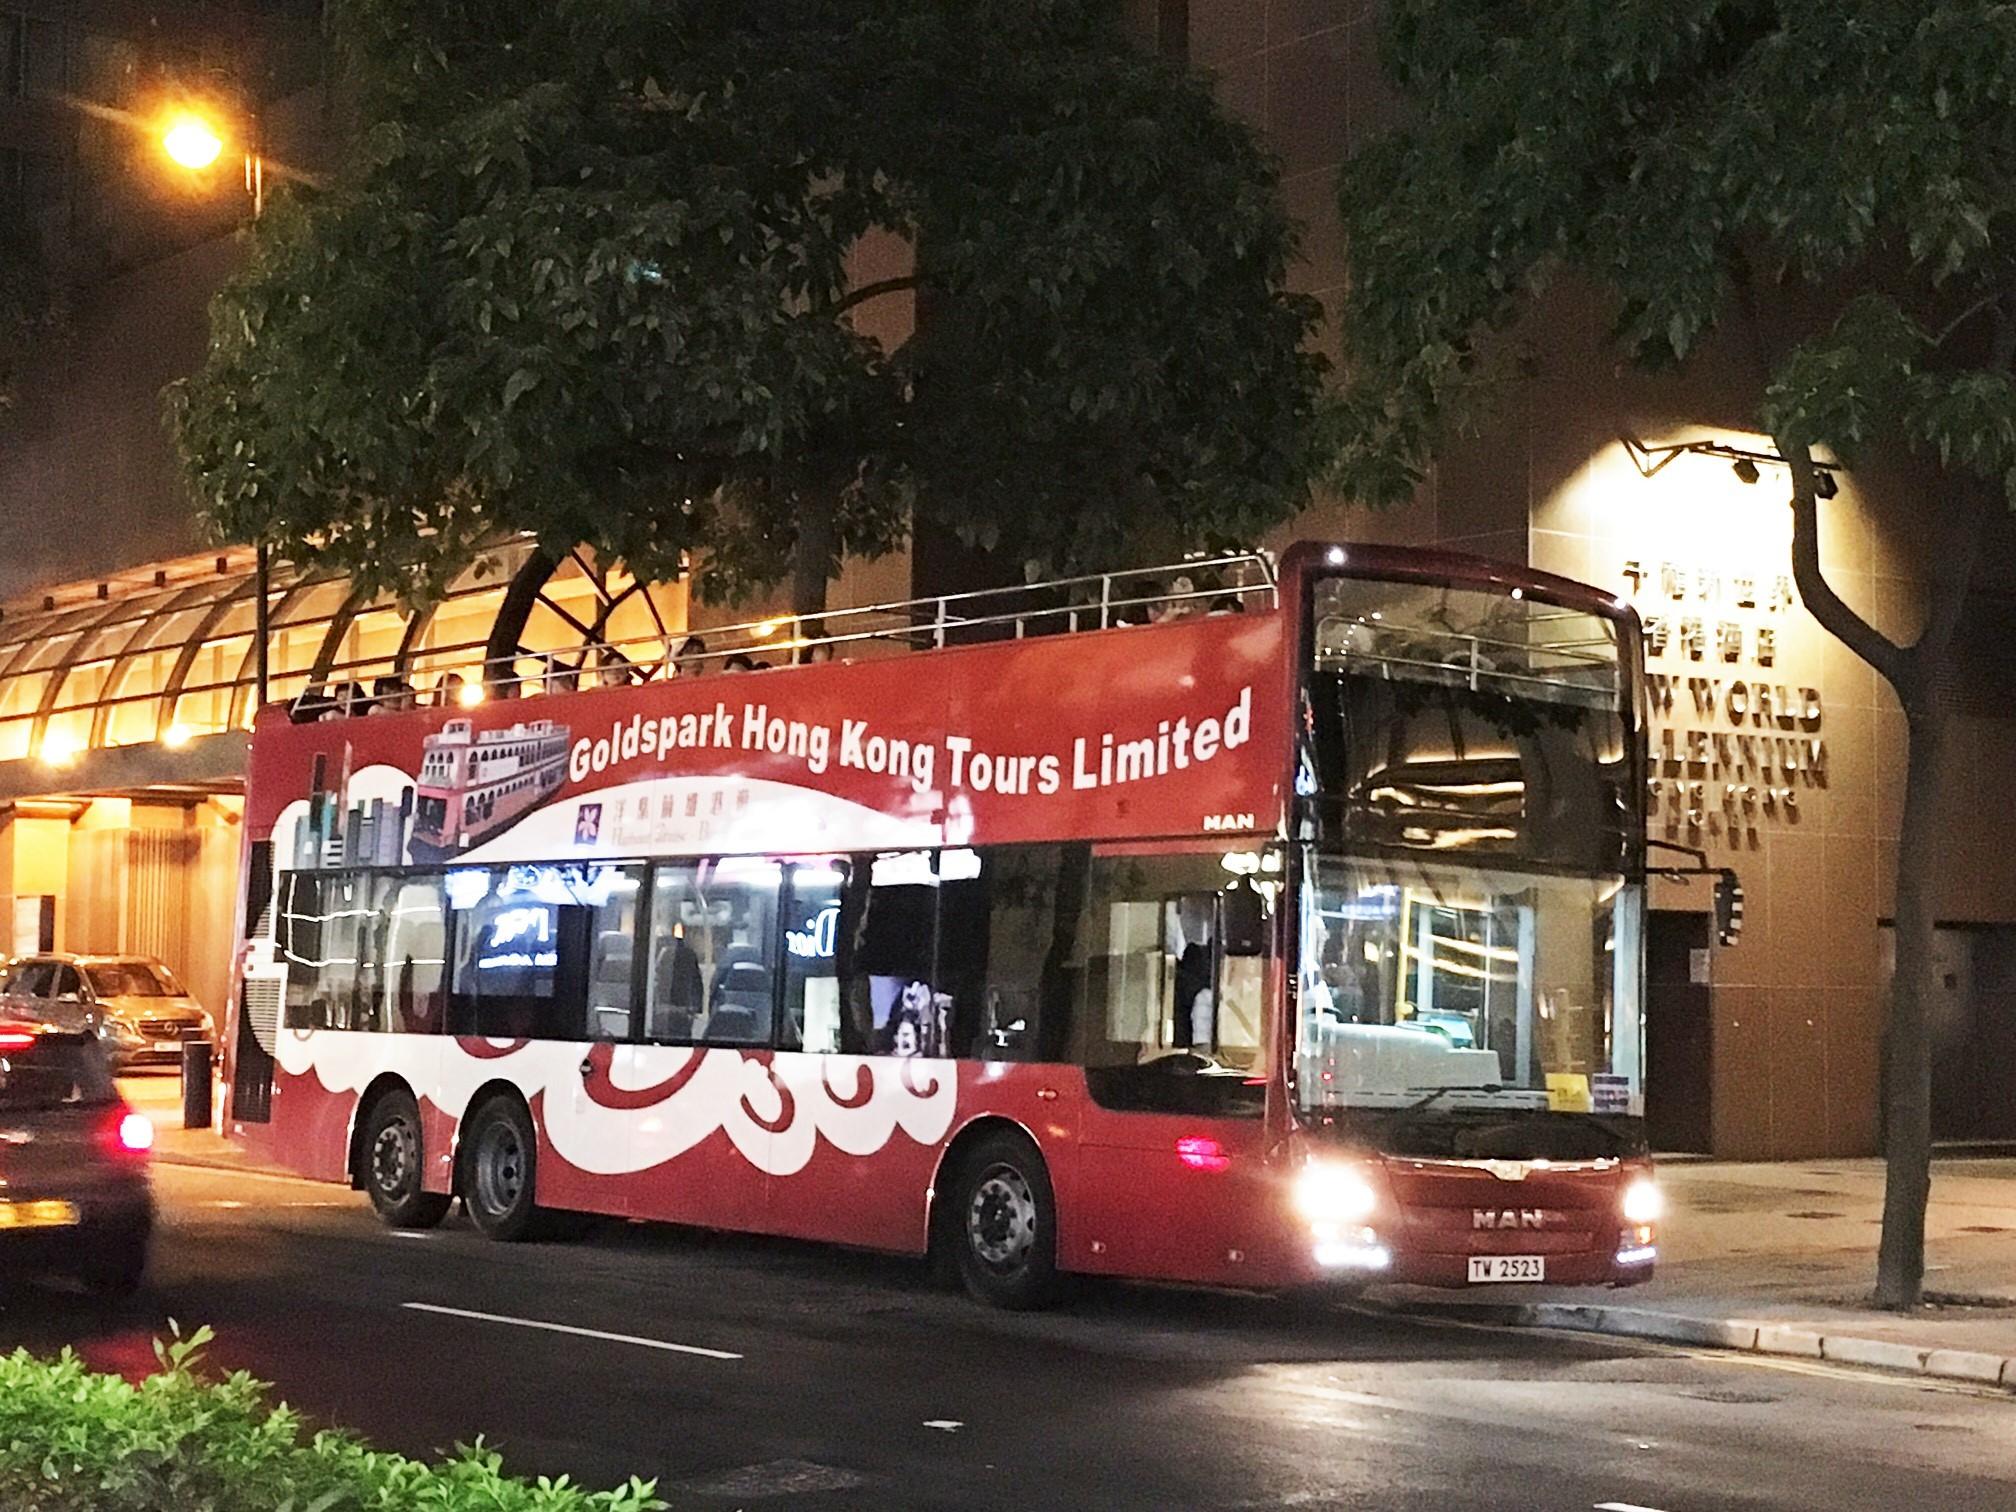 オープントップバス パノラマドライブと女人街